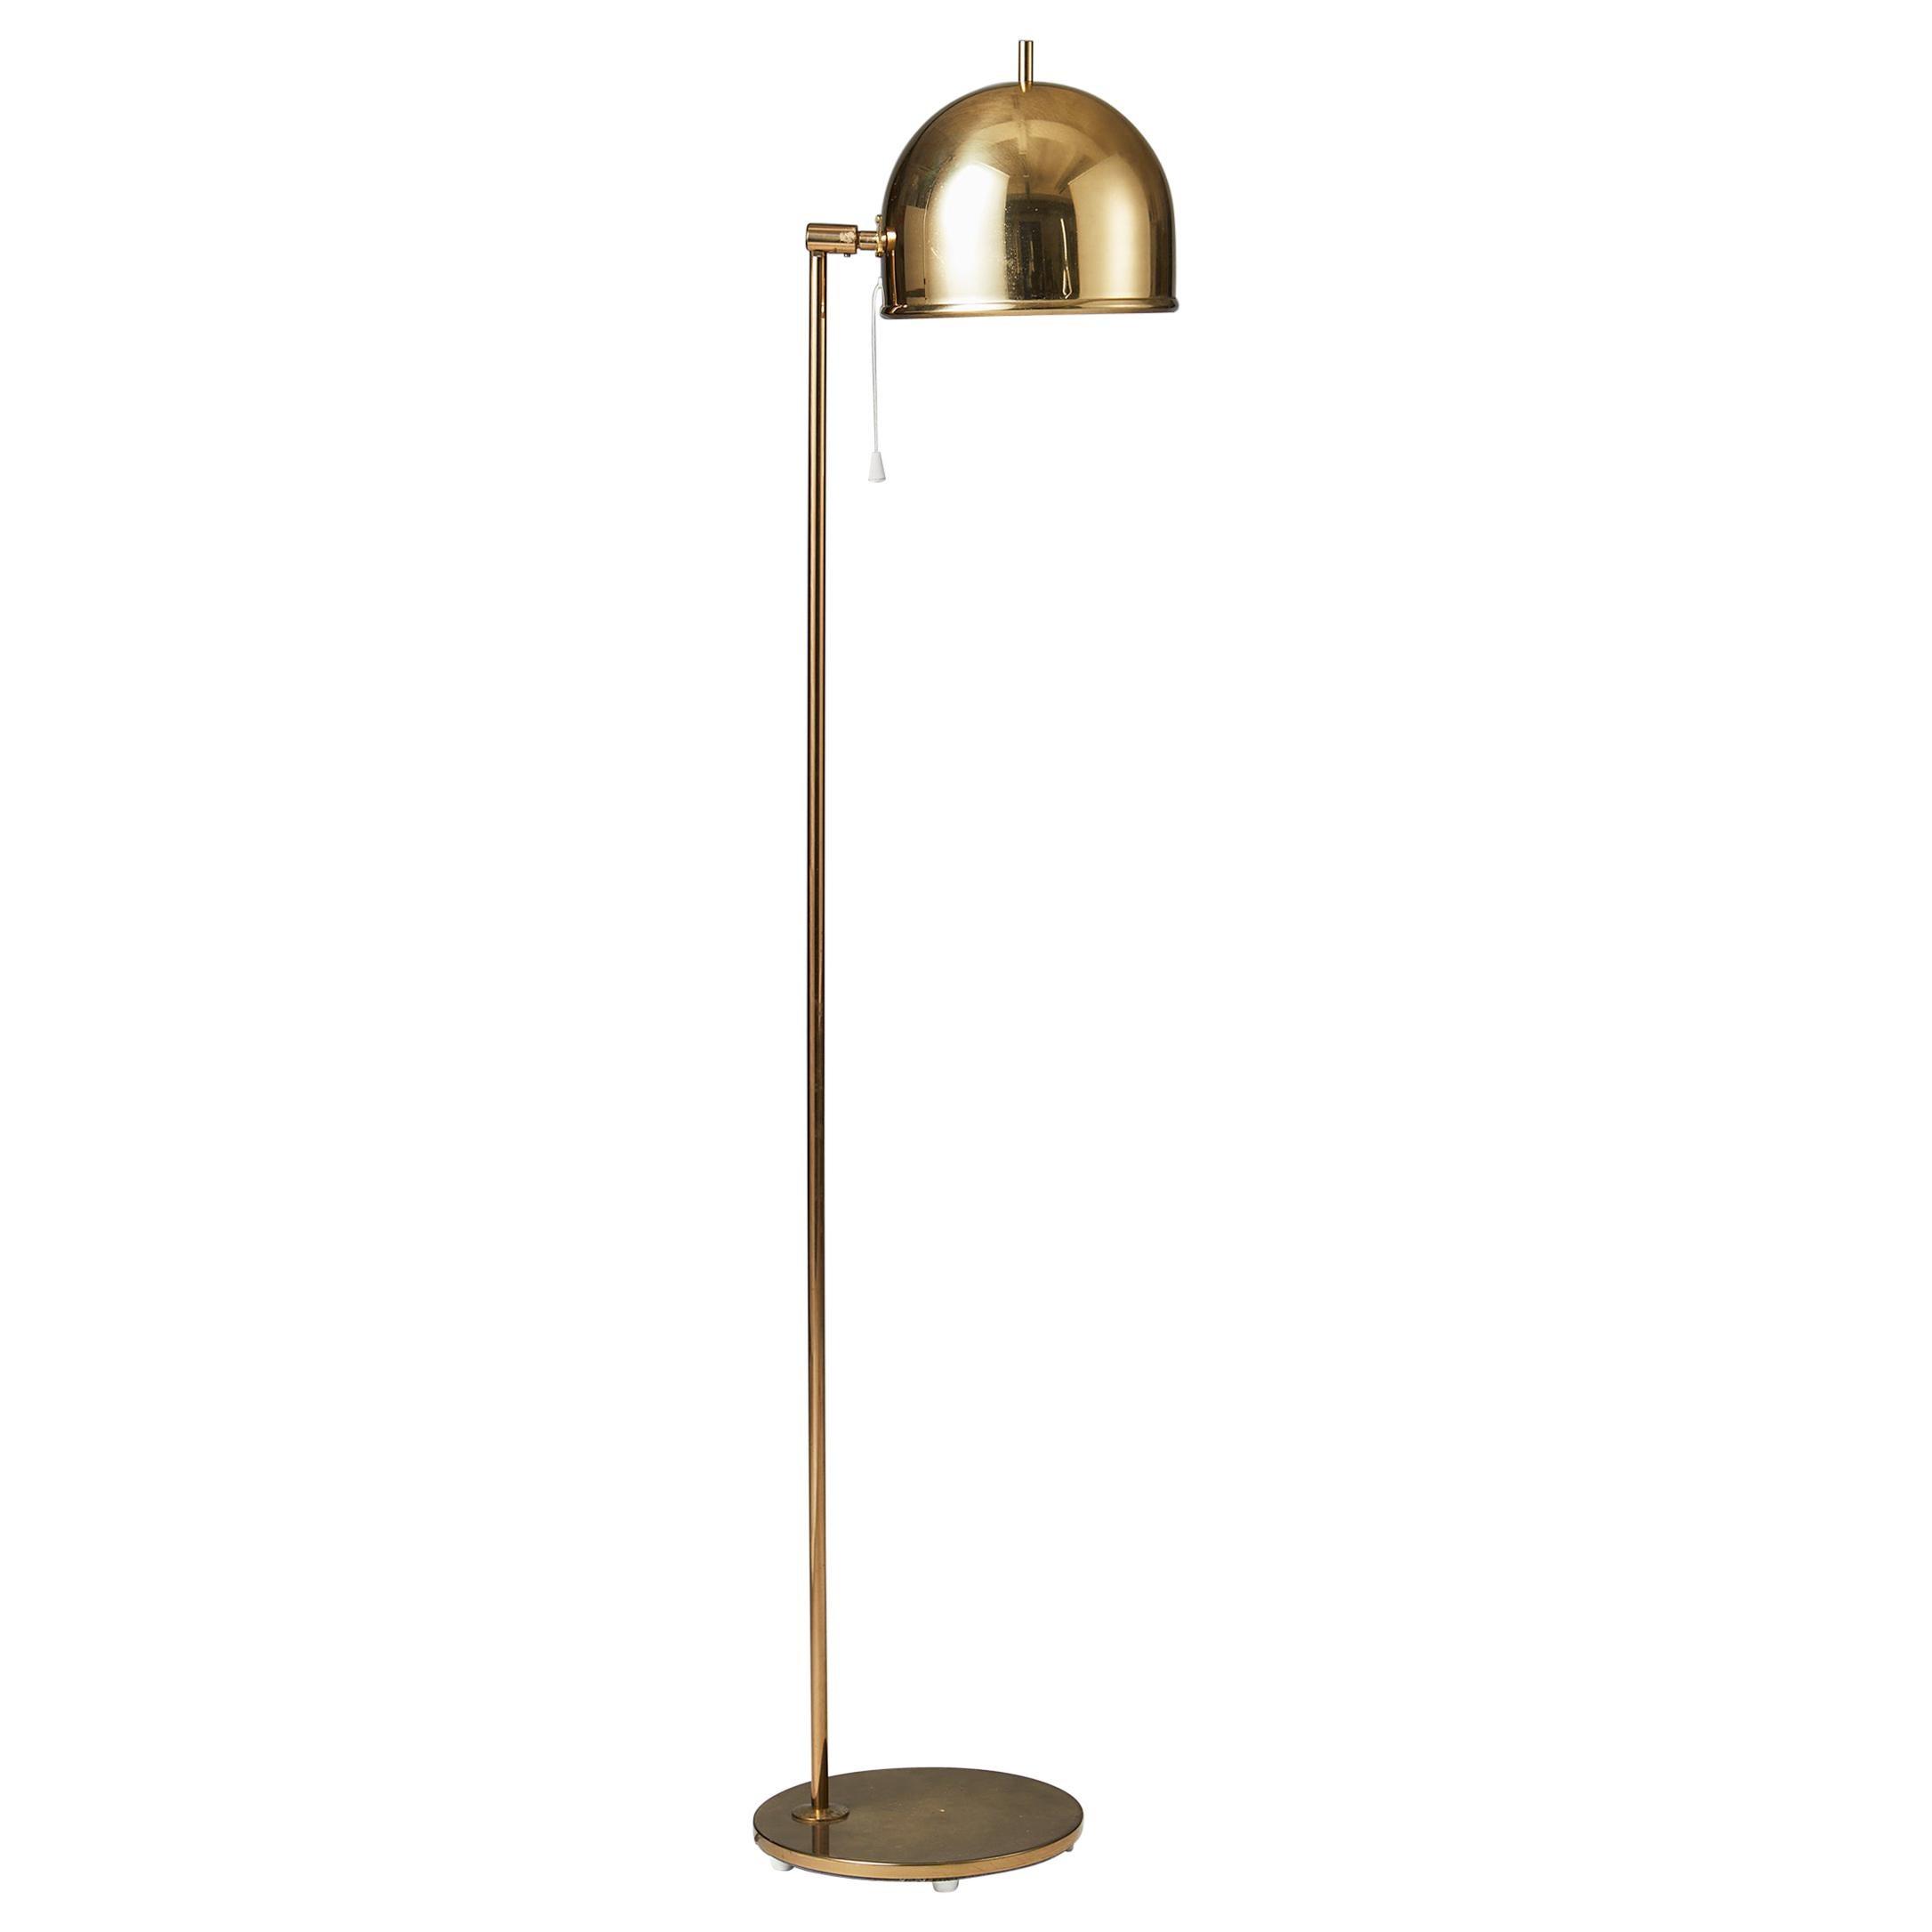 Floor Lamp Model G-075 Designed by Eje Ahlgren for Bergboms, Sweden, 1960's